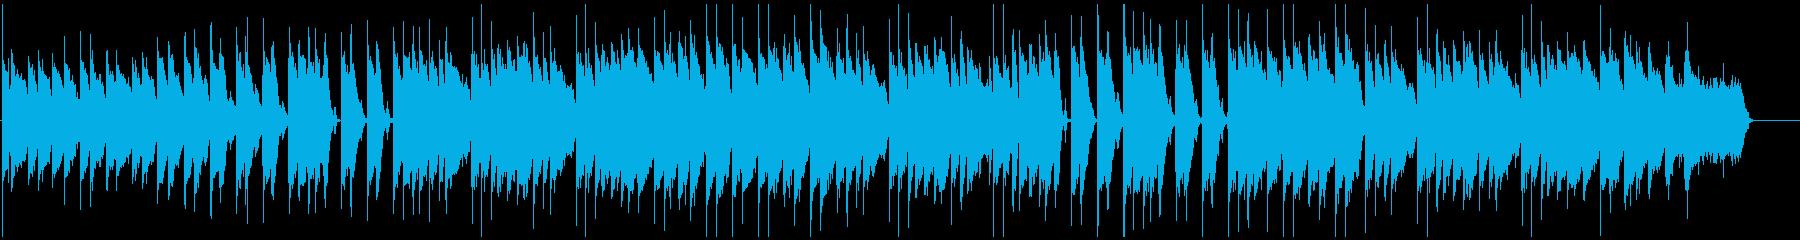 キーボードとストリングスの明るいポップスの再生済みの波形